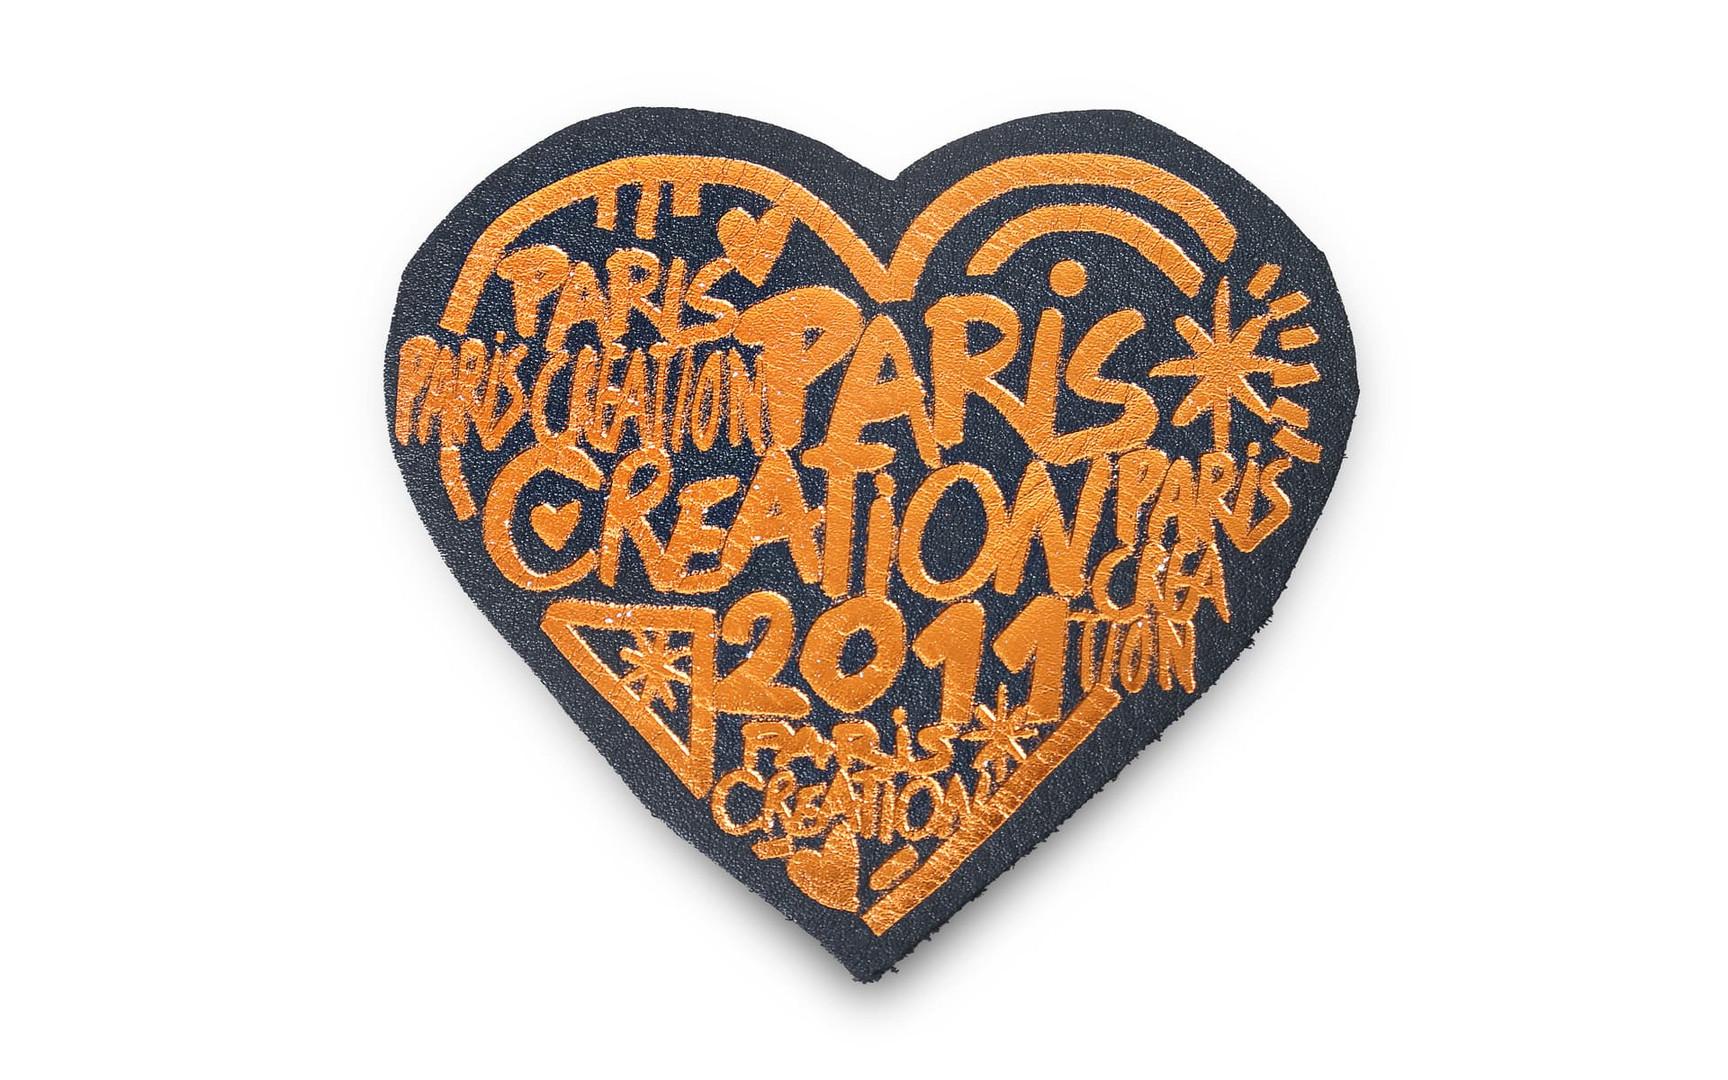 PARIS CREATION